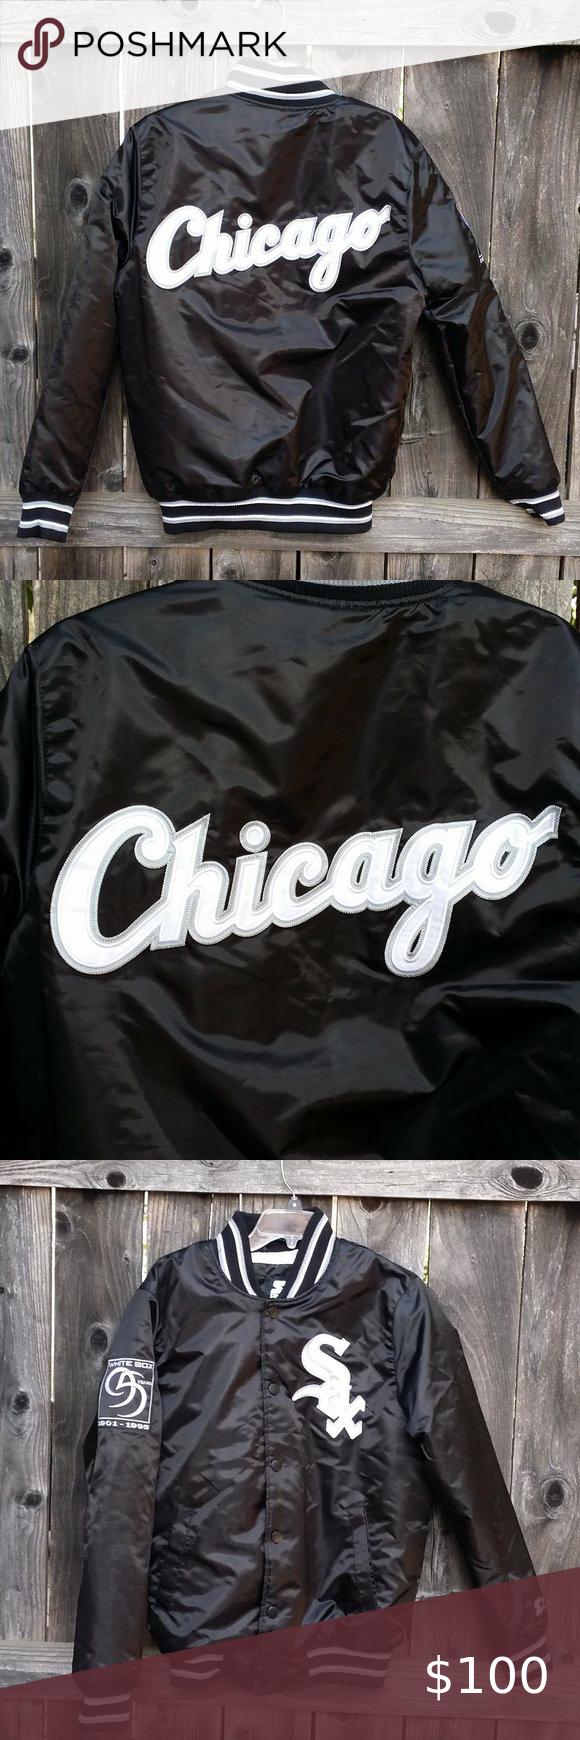 Chicago White Sox Starter Baseball Bomber Jacket Baseball Bomber Jacket Nike Air Max Plus Jackets [ 1740 x 580 Pixel ]